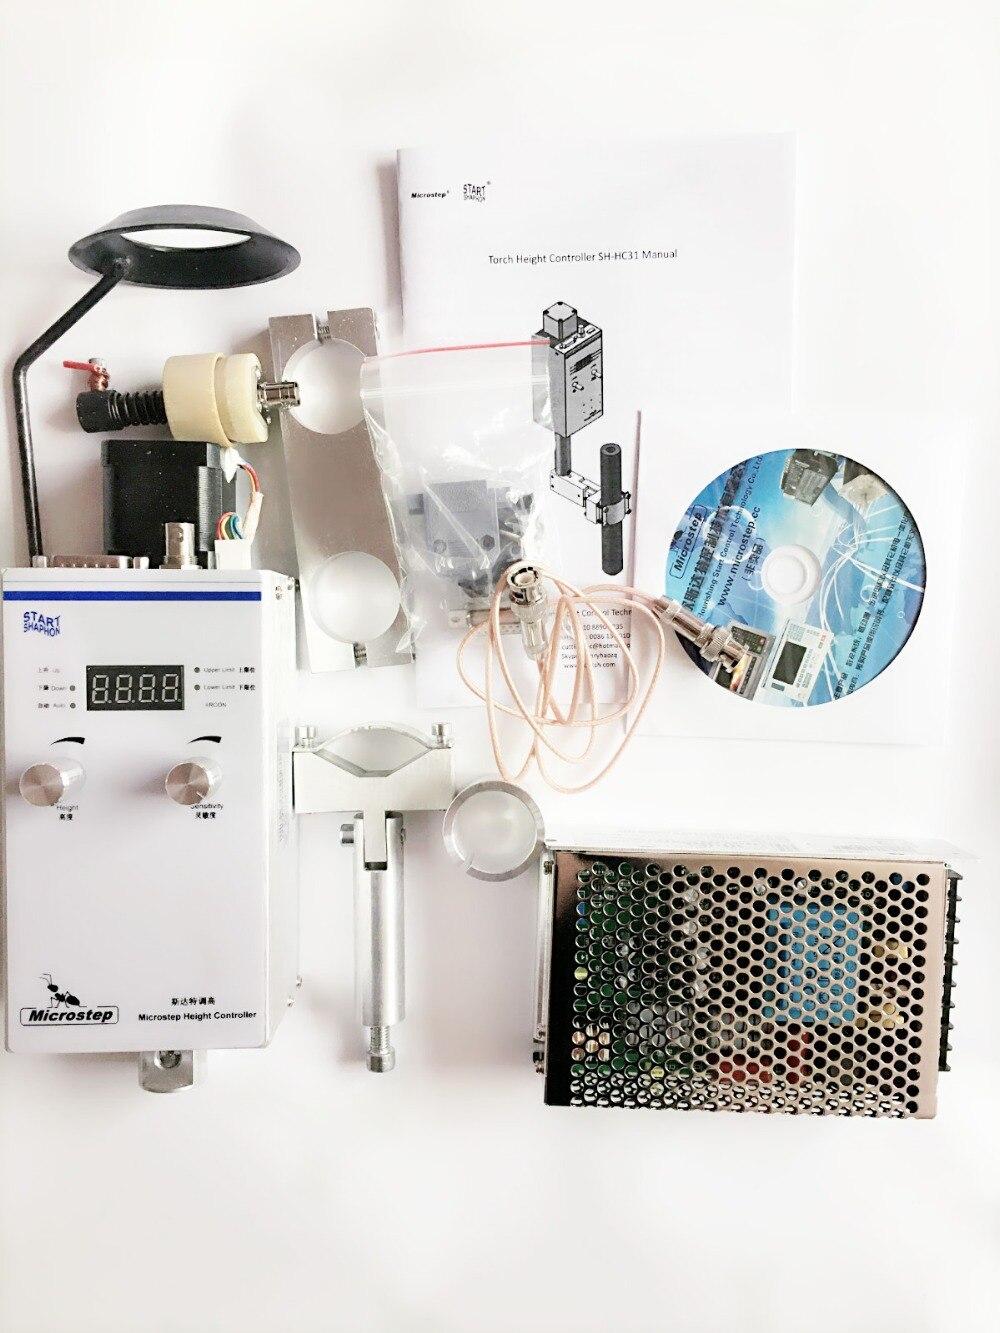 Nova Versão Arc e cap tensão Automática controlador de altura da tocha de plasma para CNC máquina de corte cortador de Plasma THC SH-HC31